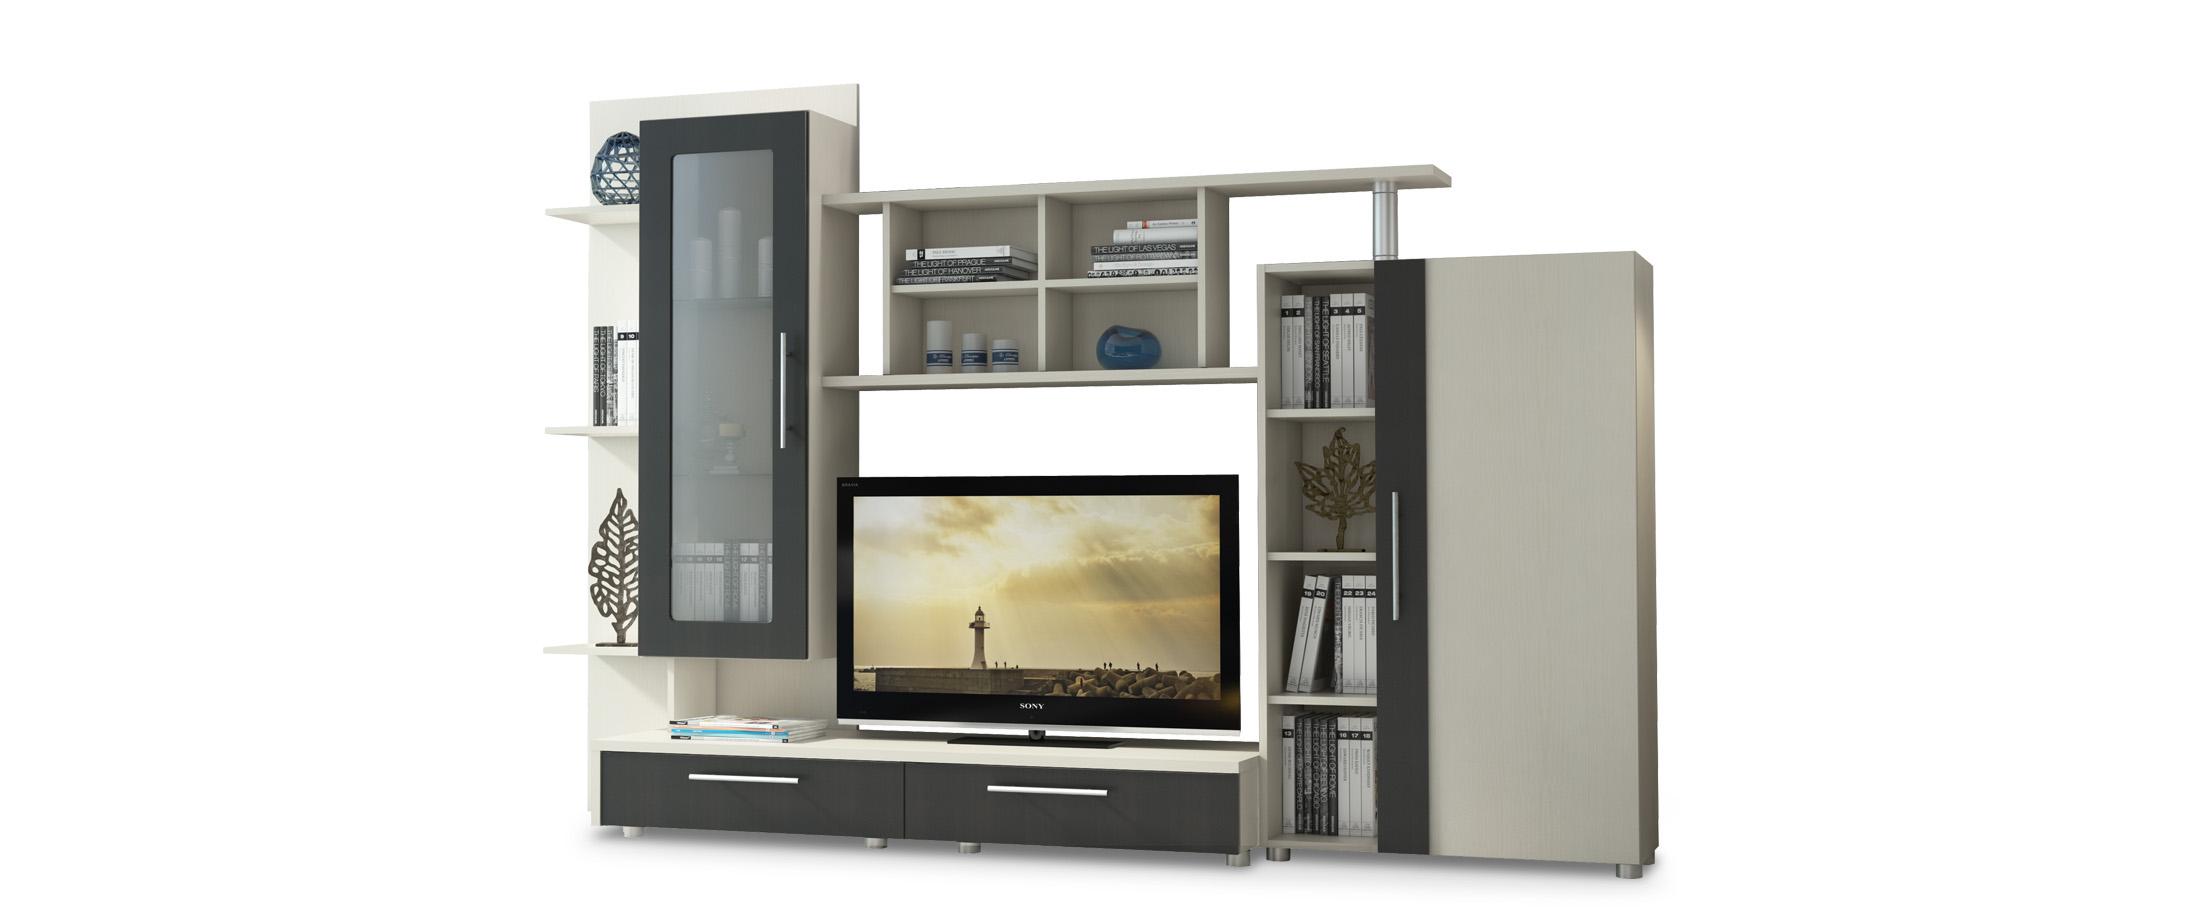 Стенка Франк Модель 294Большое количество открытых полок позволит разместить все любимые предметы интерьера и декора. Компактная за счёт витринного модуля с прозрачным стеклом.<br><br>Ширина см: 245<br>Глубина см: 48<br>Высота см: 168<br>Высота тумбы под телевизор см: 75<br>Ширина тумбы под телевизор см: 100<br>Материал фасада: ЛДСП<br>Цвет корпуса: Дуб кремона<br>Цвет фасада: Дуб феррара<br>Материал корпуса: ЛДСП